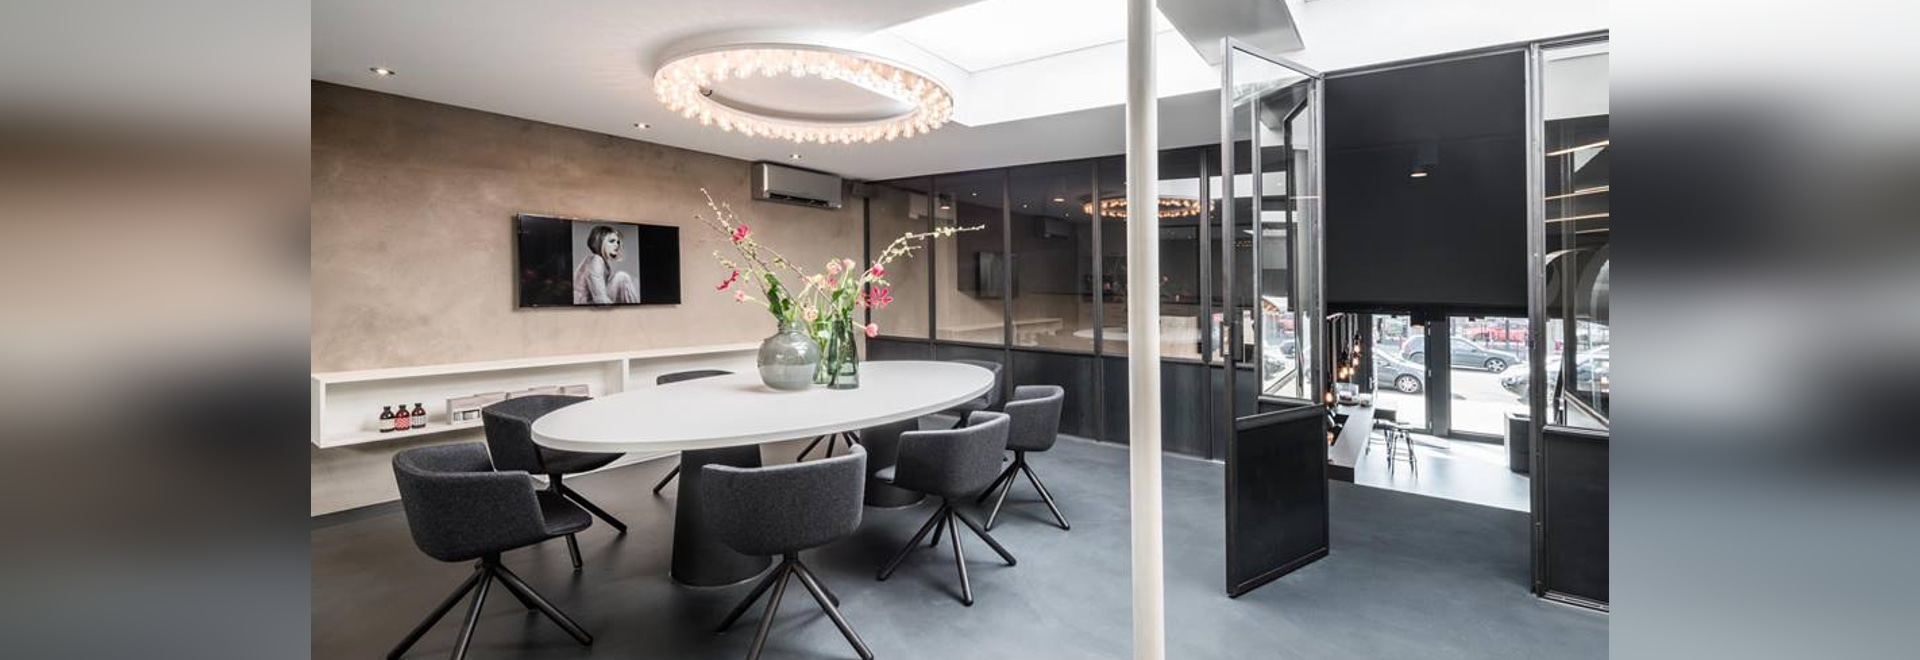 Luces del halo que aclaran el salón de belleza de Puur Stijl